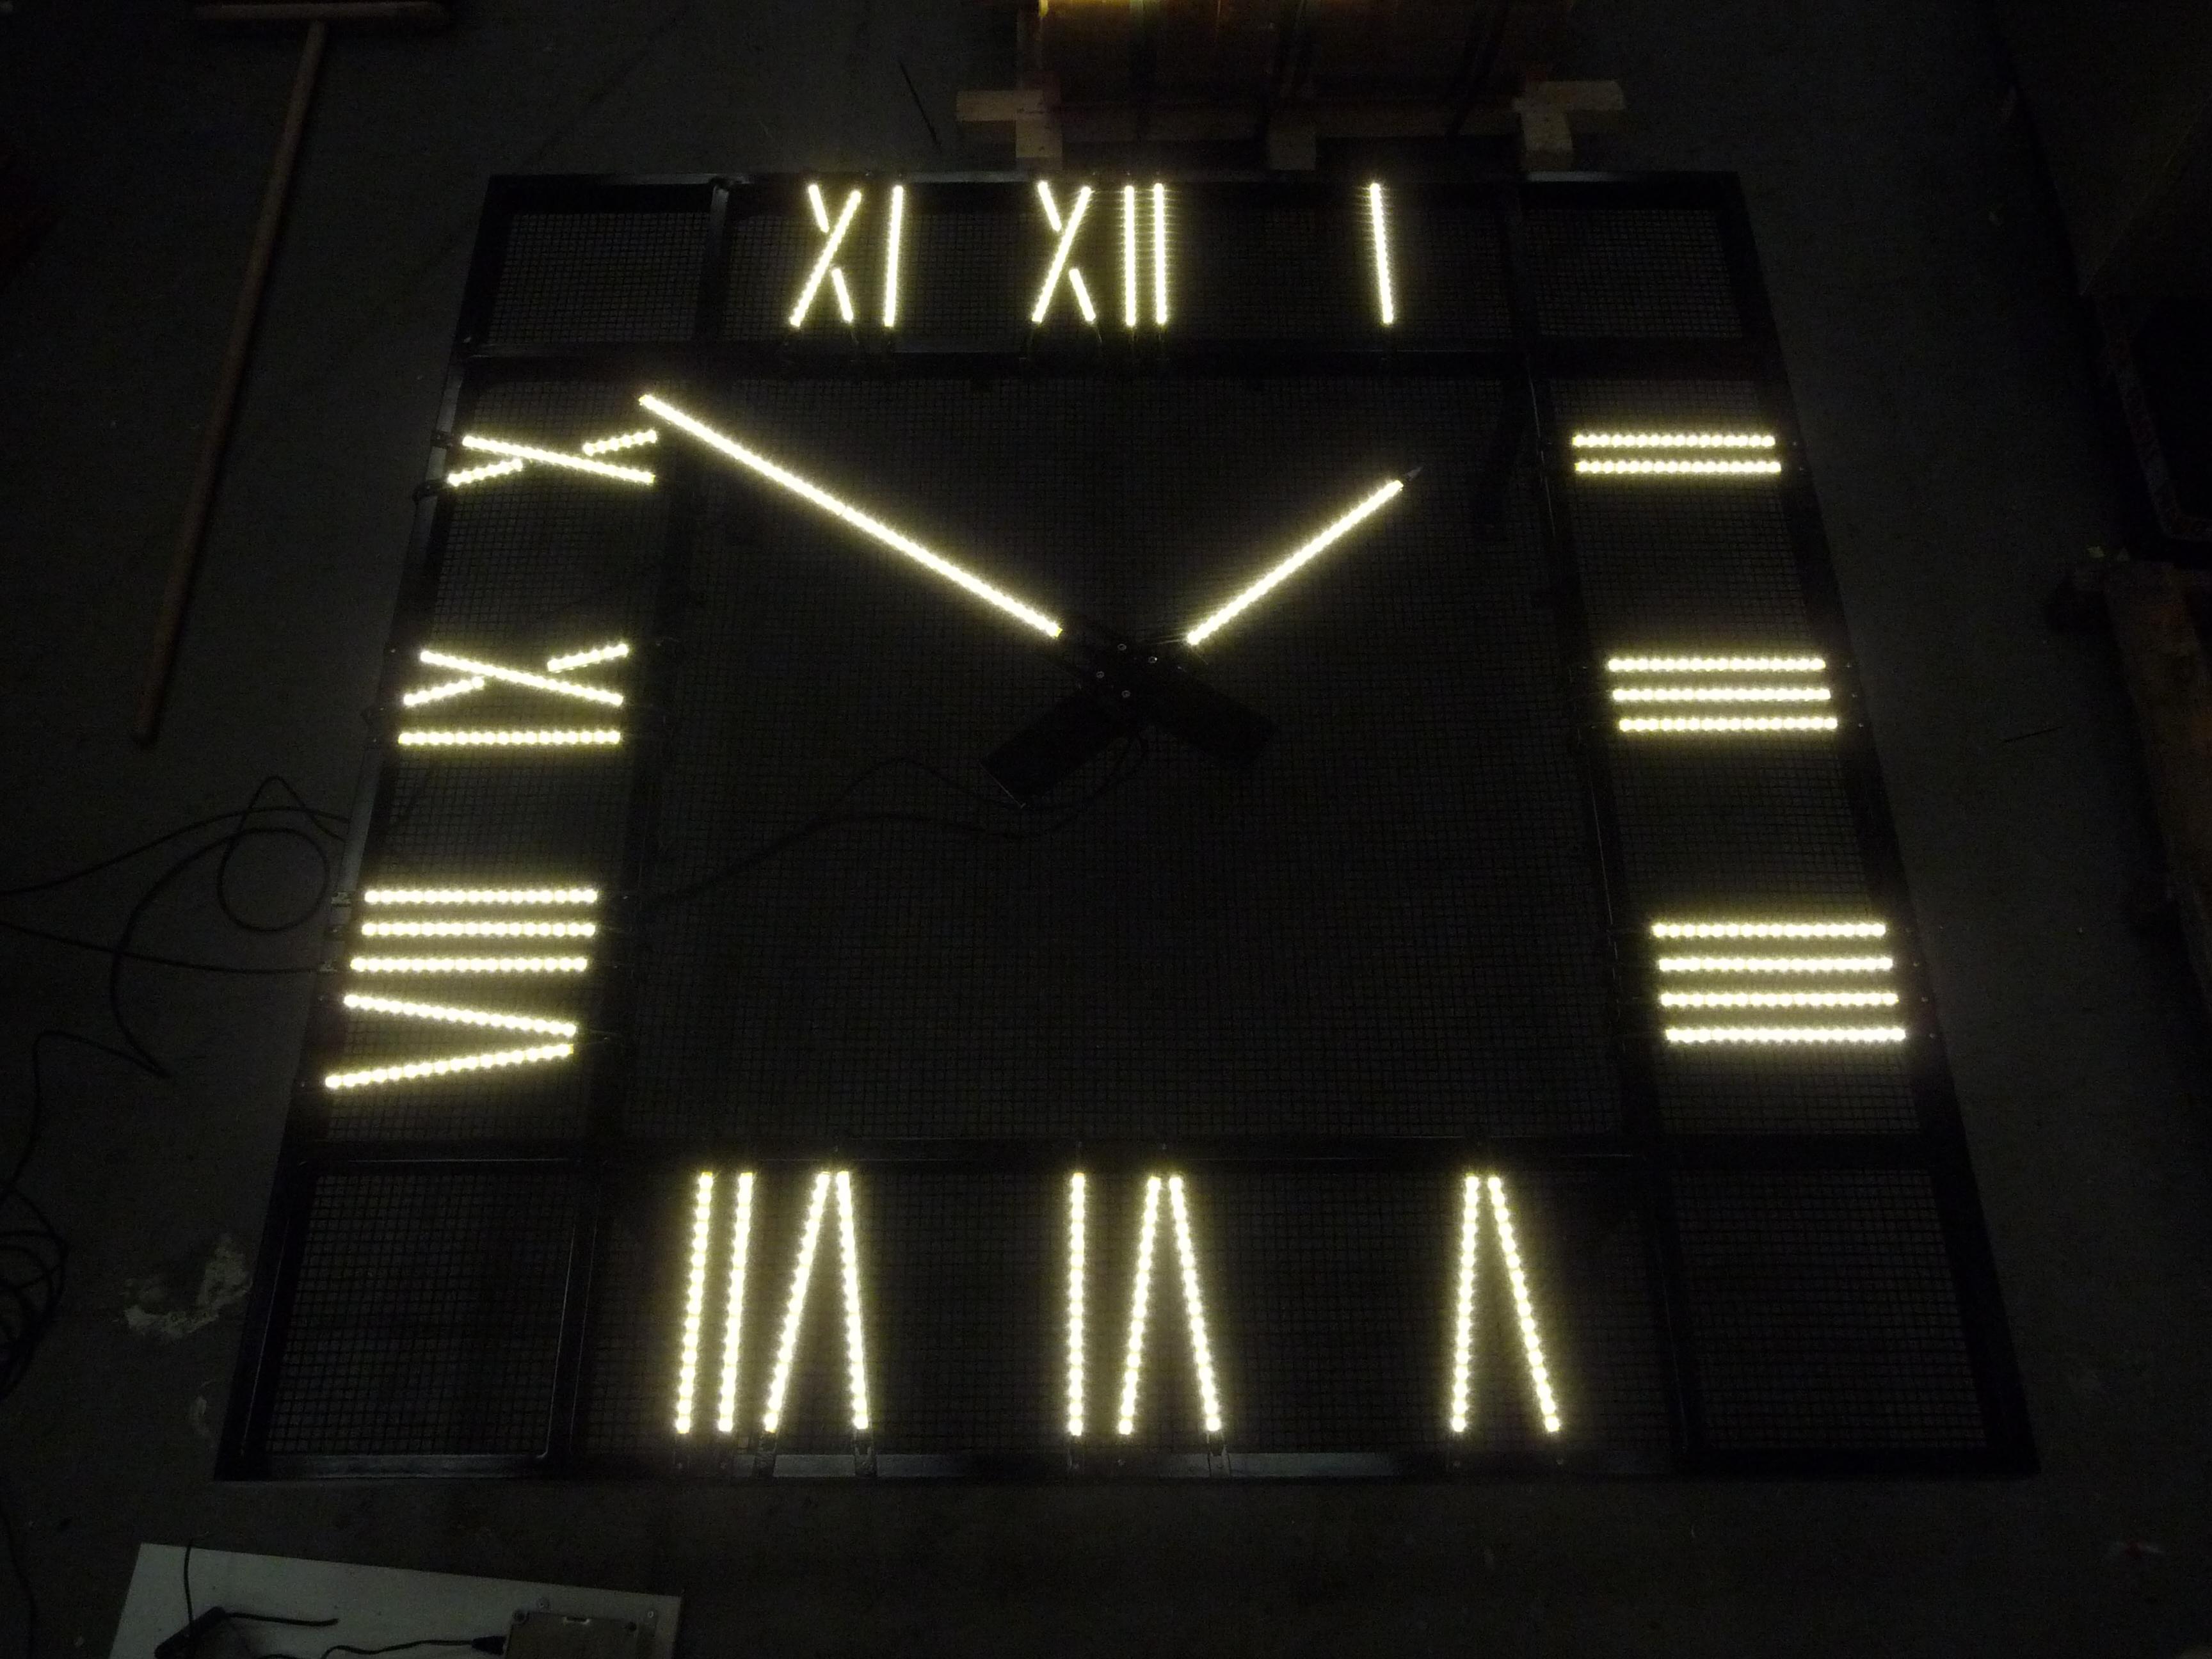 Square exterior clock